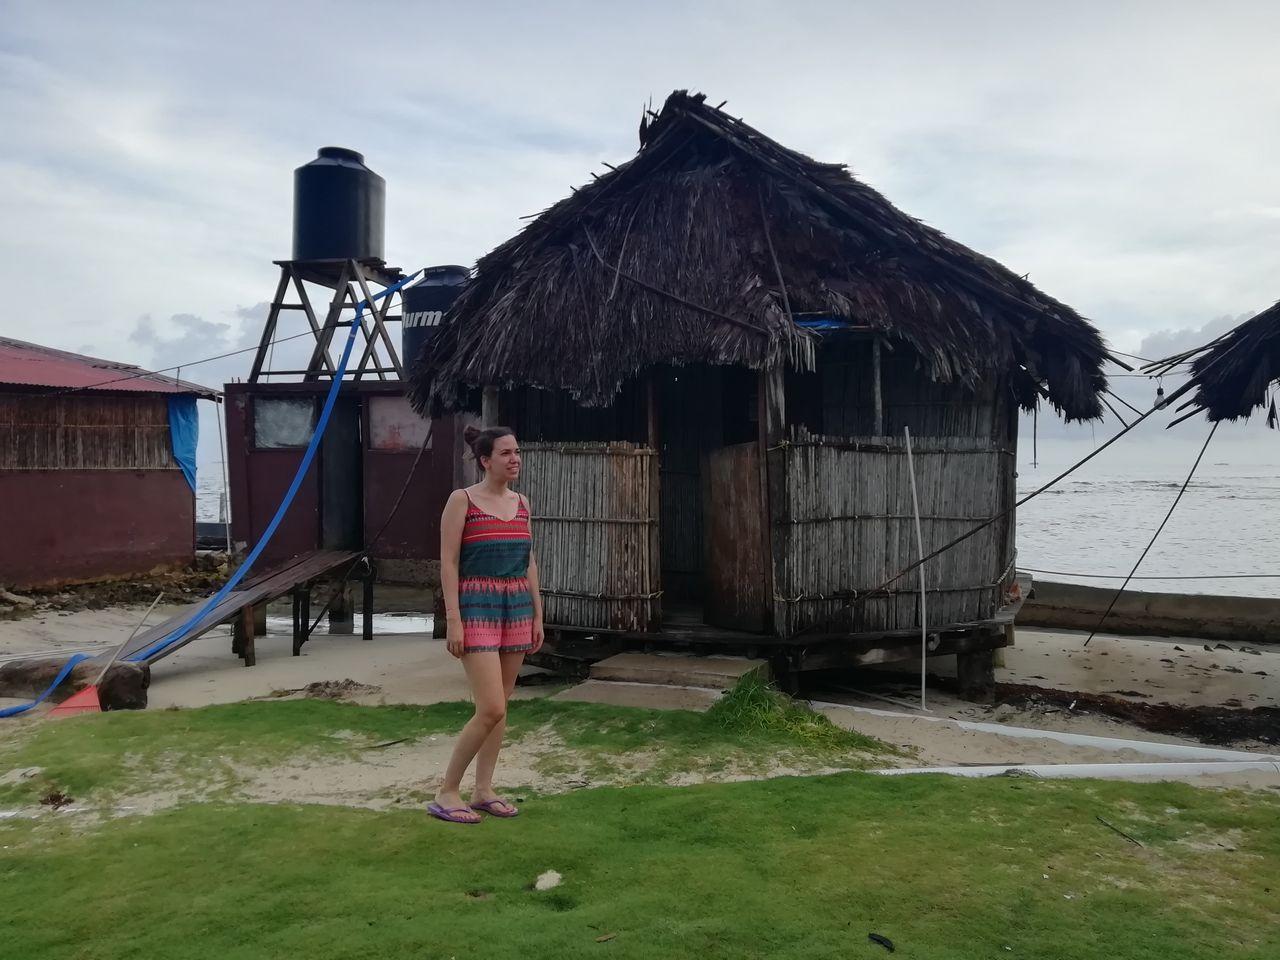 Islas de San Blas en 2 días: cabaña sin vistas en la que me alojé.